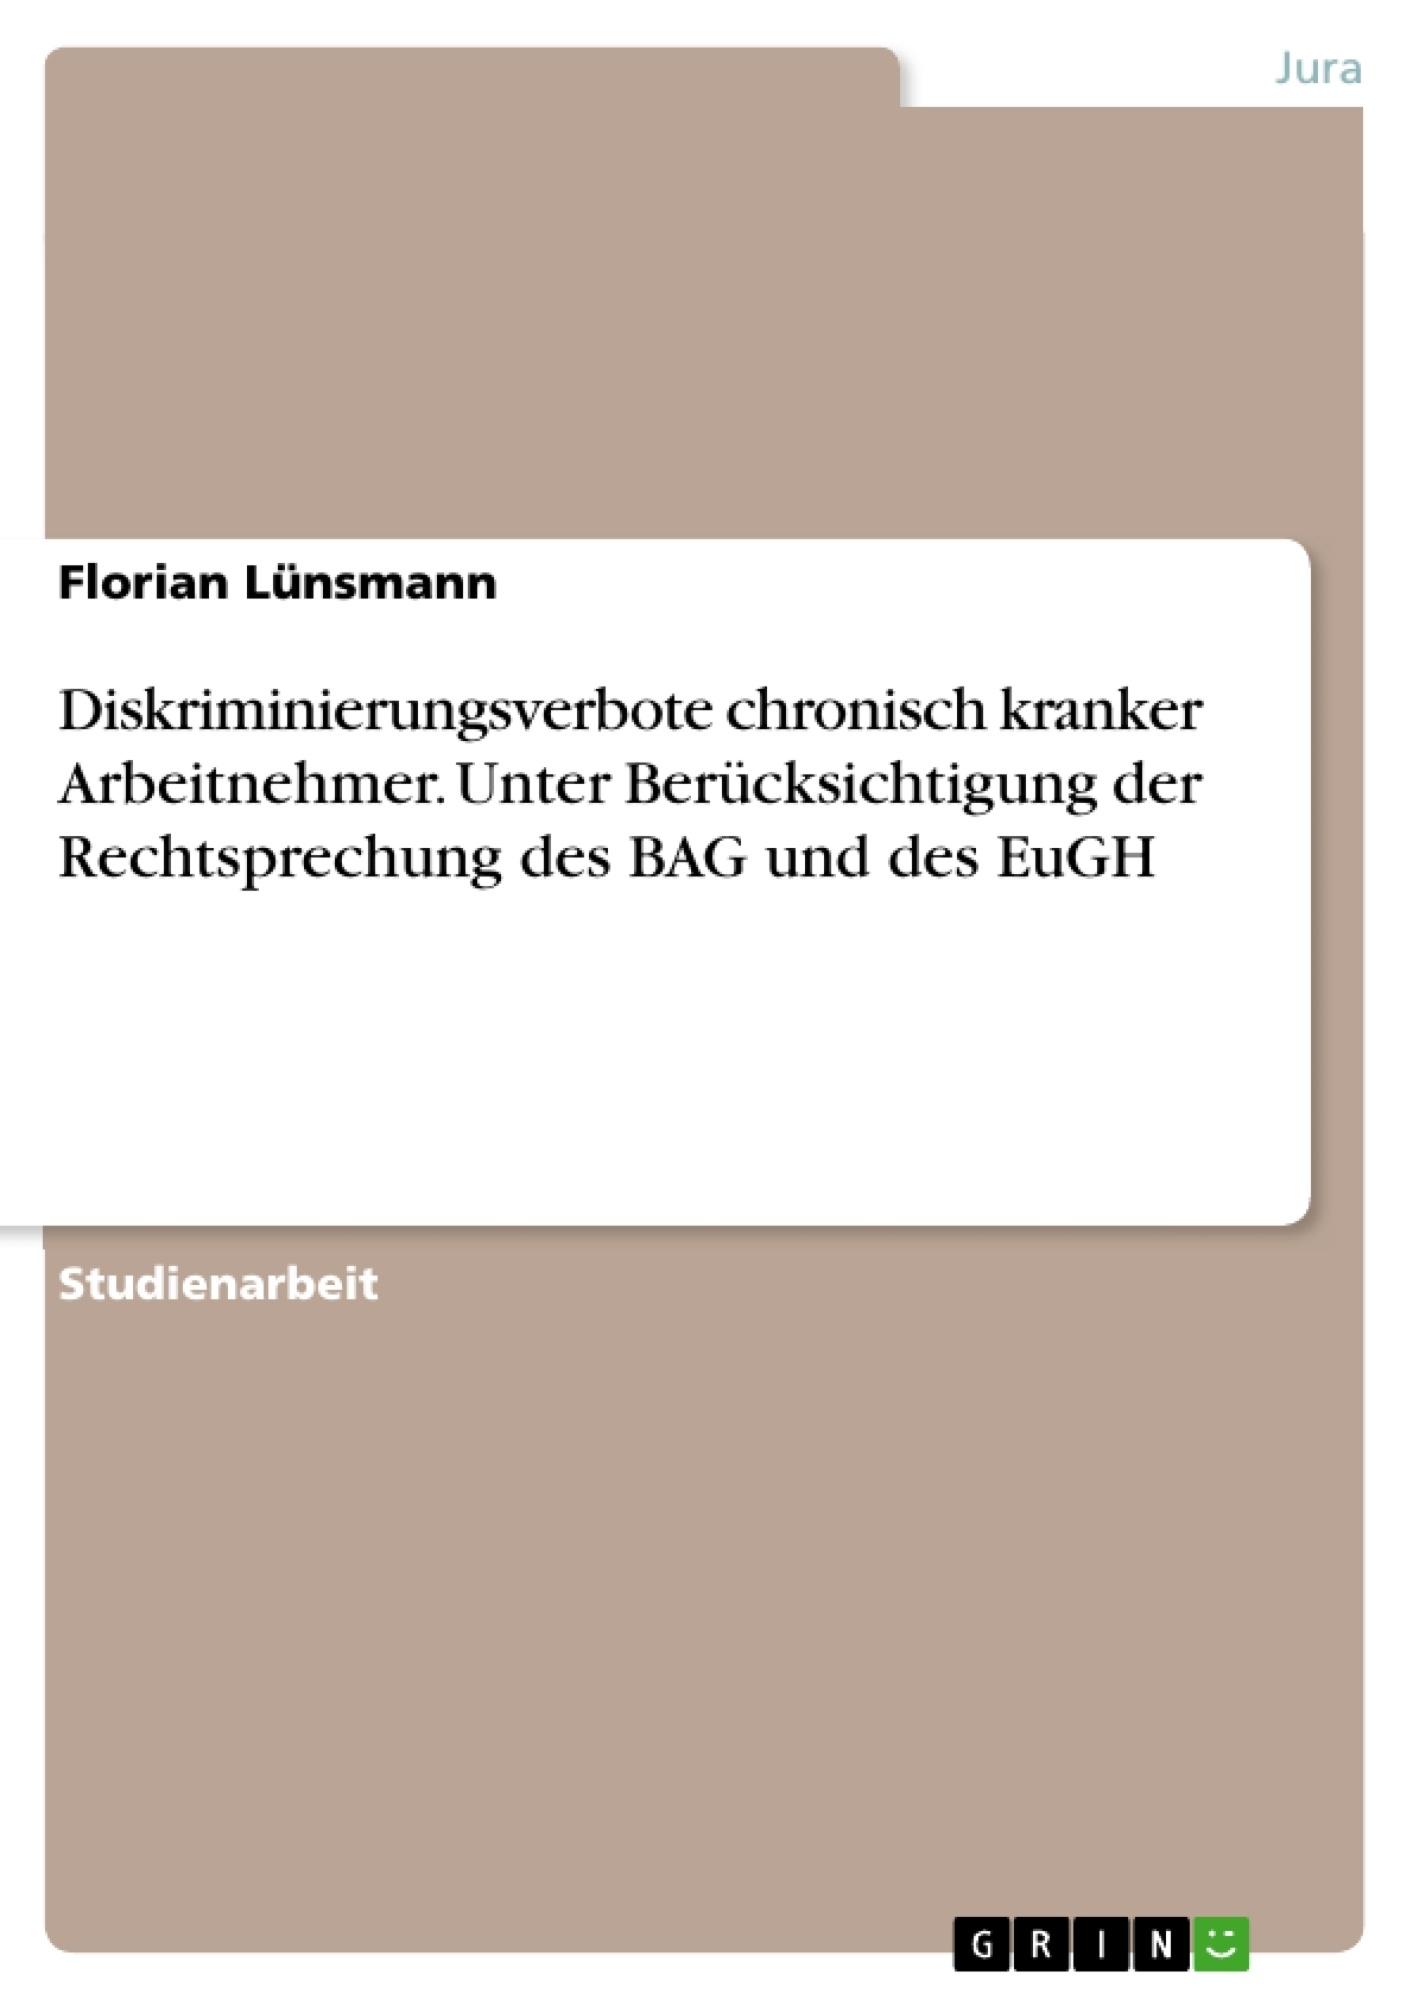 Titel: Diskriminierungsverbote chronisch kranker Arbeitnehmer. Unter Berücksichtigung der Rechtsprechung des BAG und des EuGH